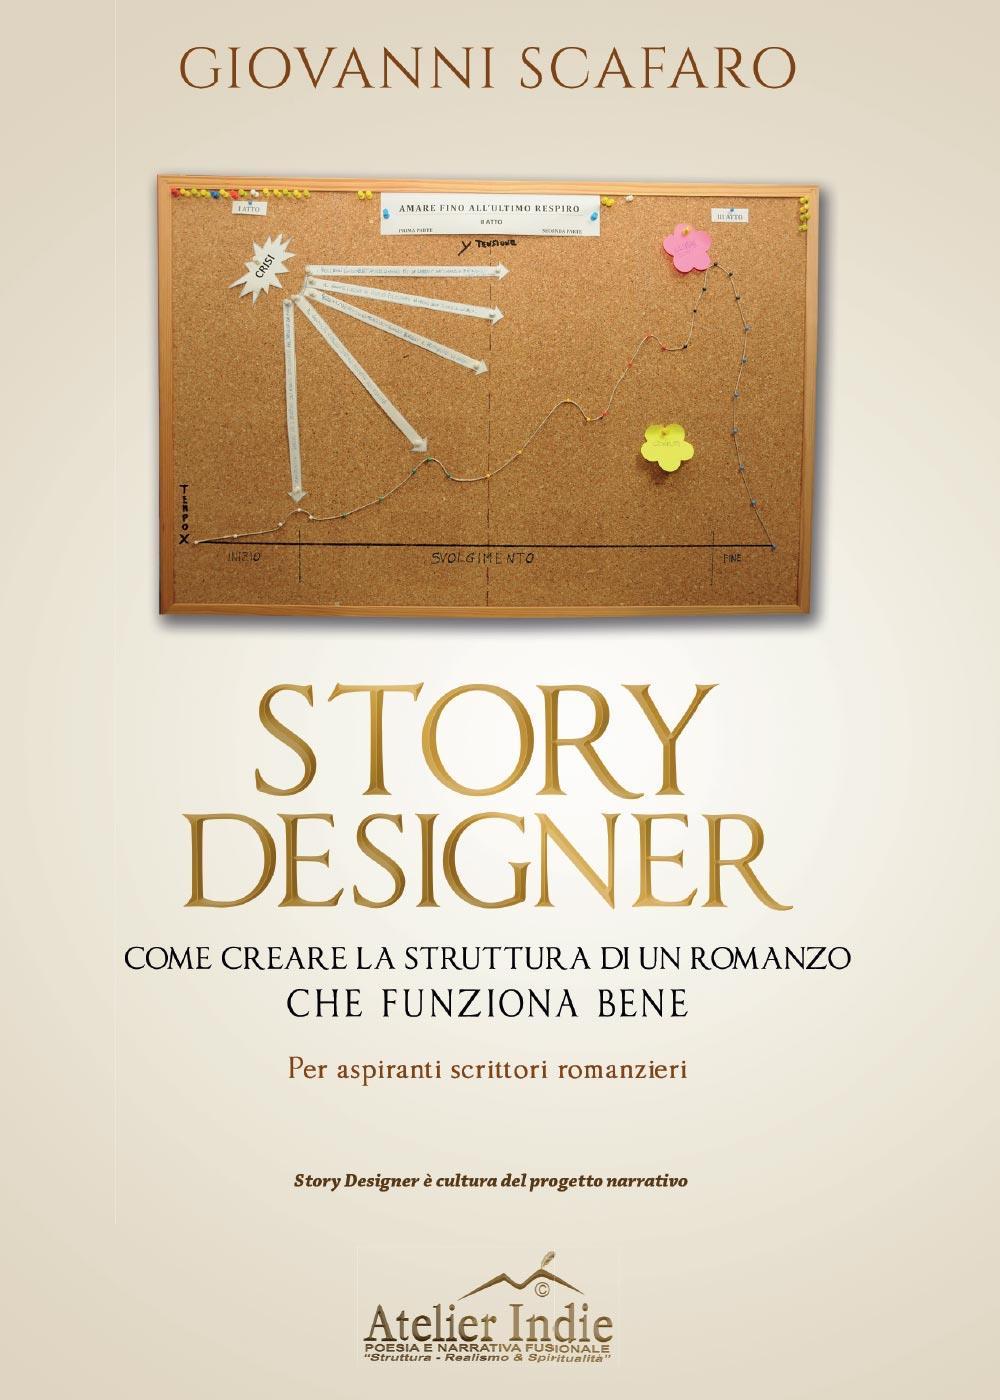 STORY DESIGNER Come creare la struttura di un romanzo che funziona bene